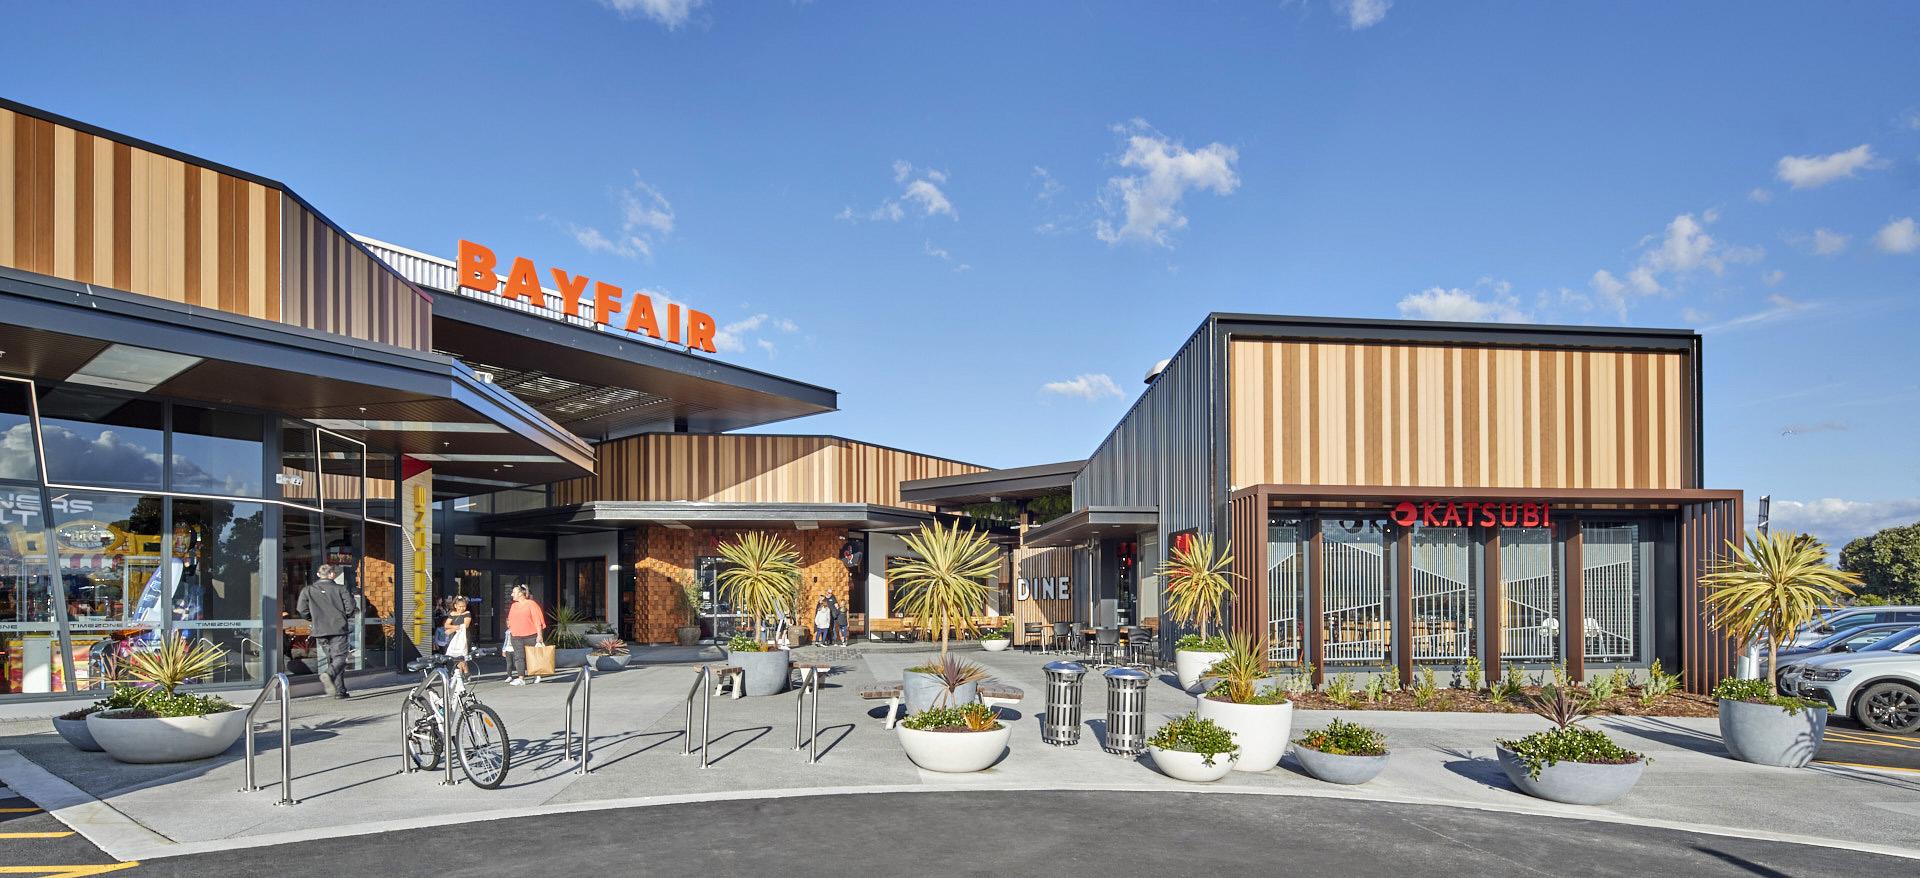 Bayfair Shopping Centre